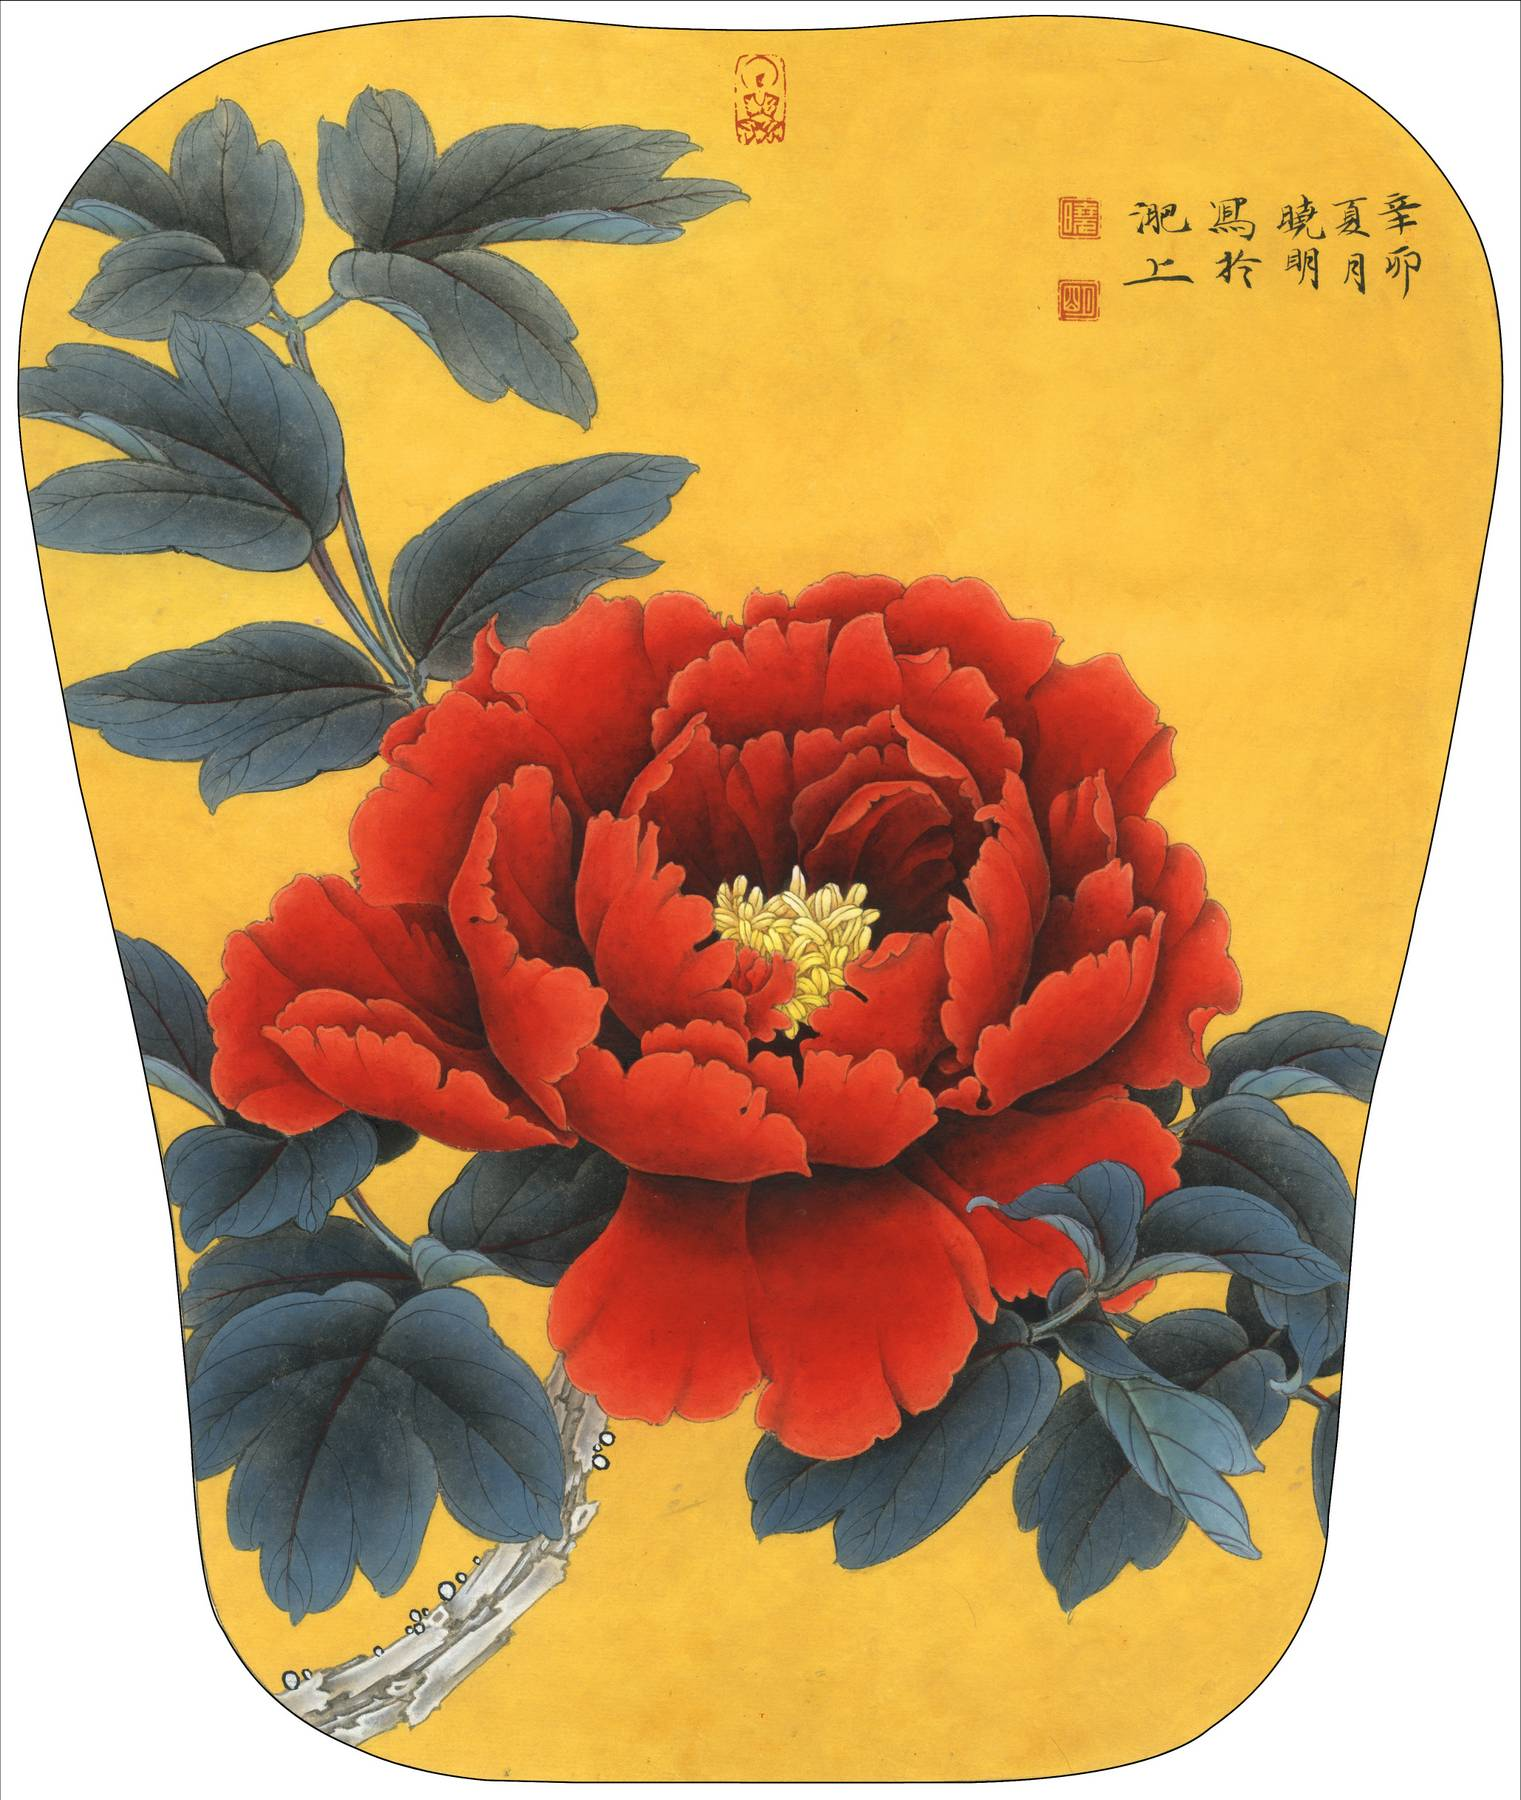 0056_李晓明牡丹工笔画高清图专辑JPG-朱砂垒_4120x4874PX_JPG_300DPI_4.9